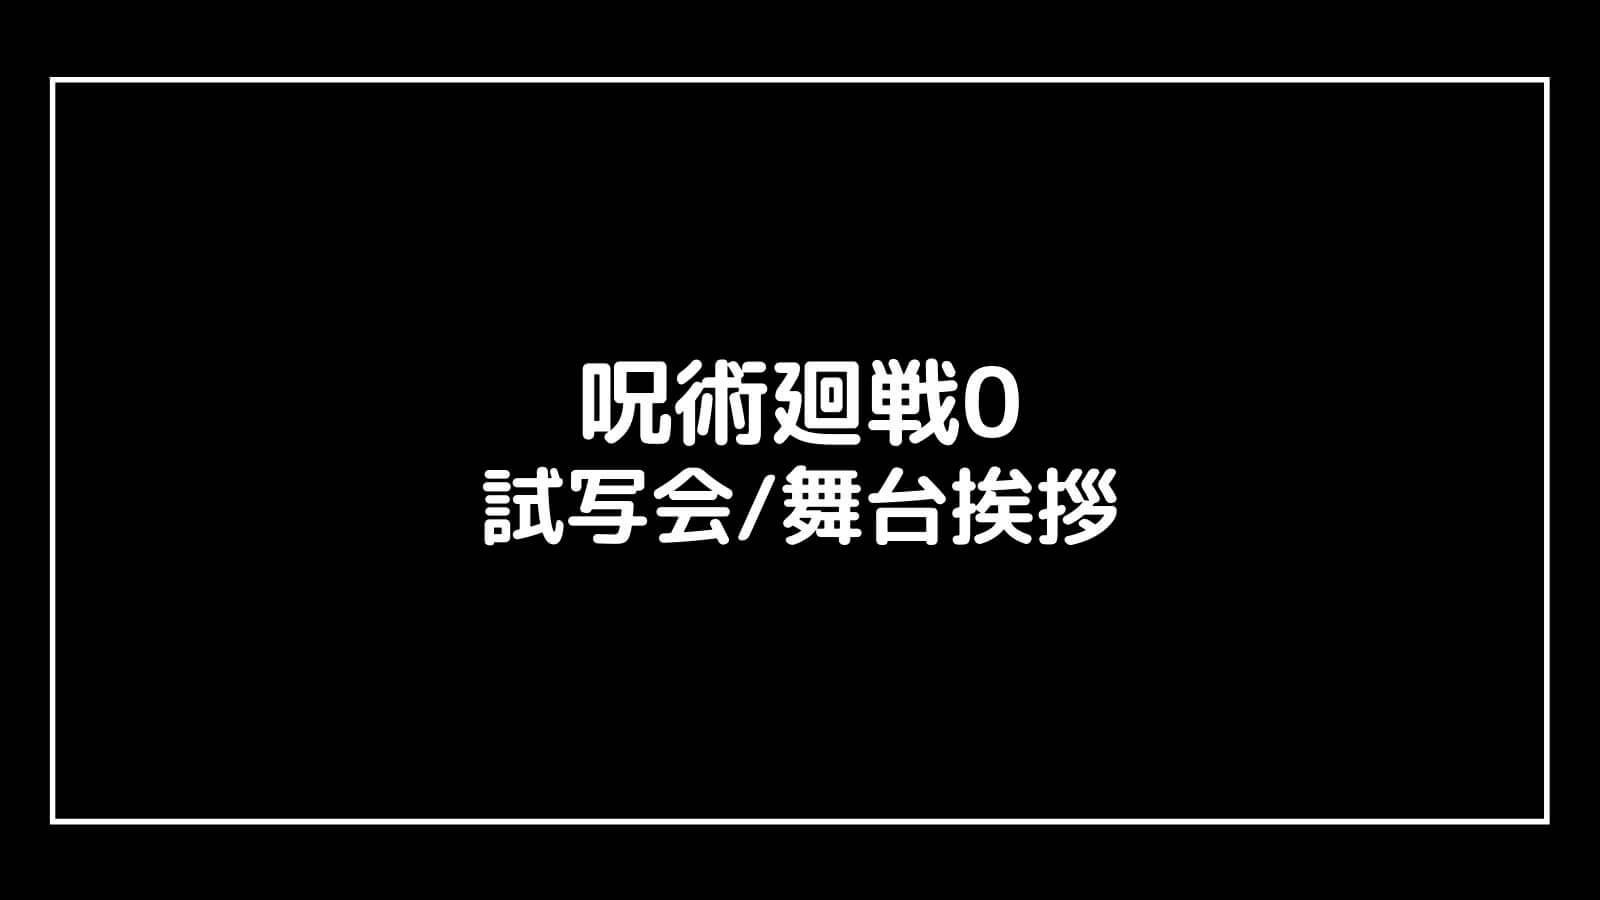 映画『呪術廻戦0』の試写会と舞台挨拶ライブビューイング情報まとめ